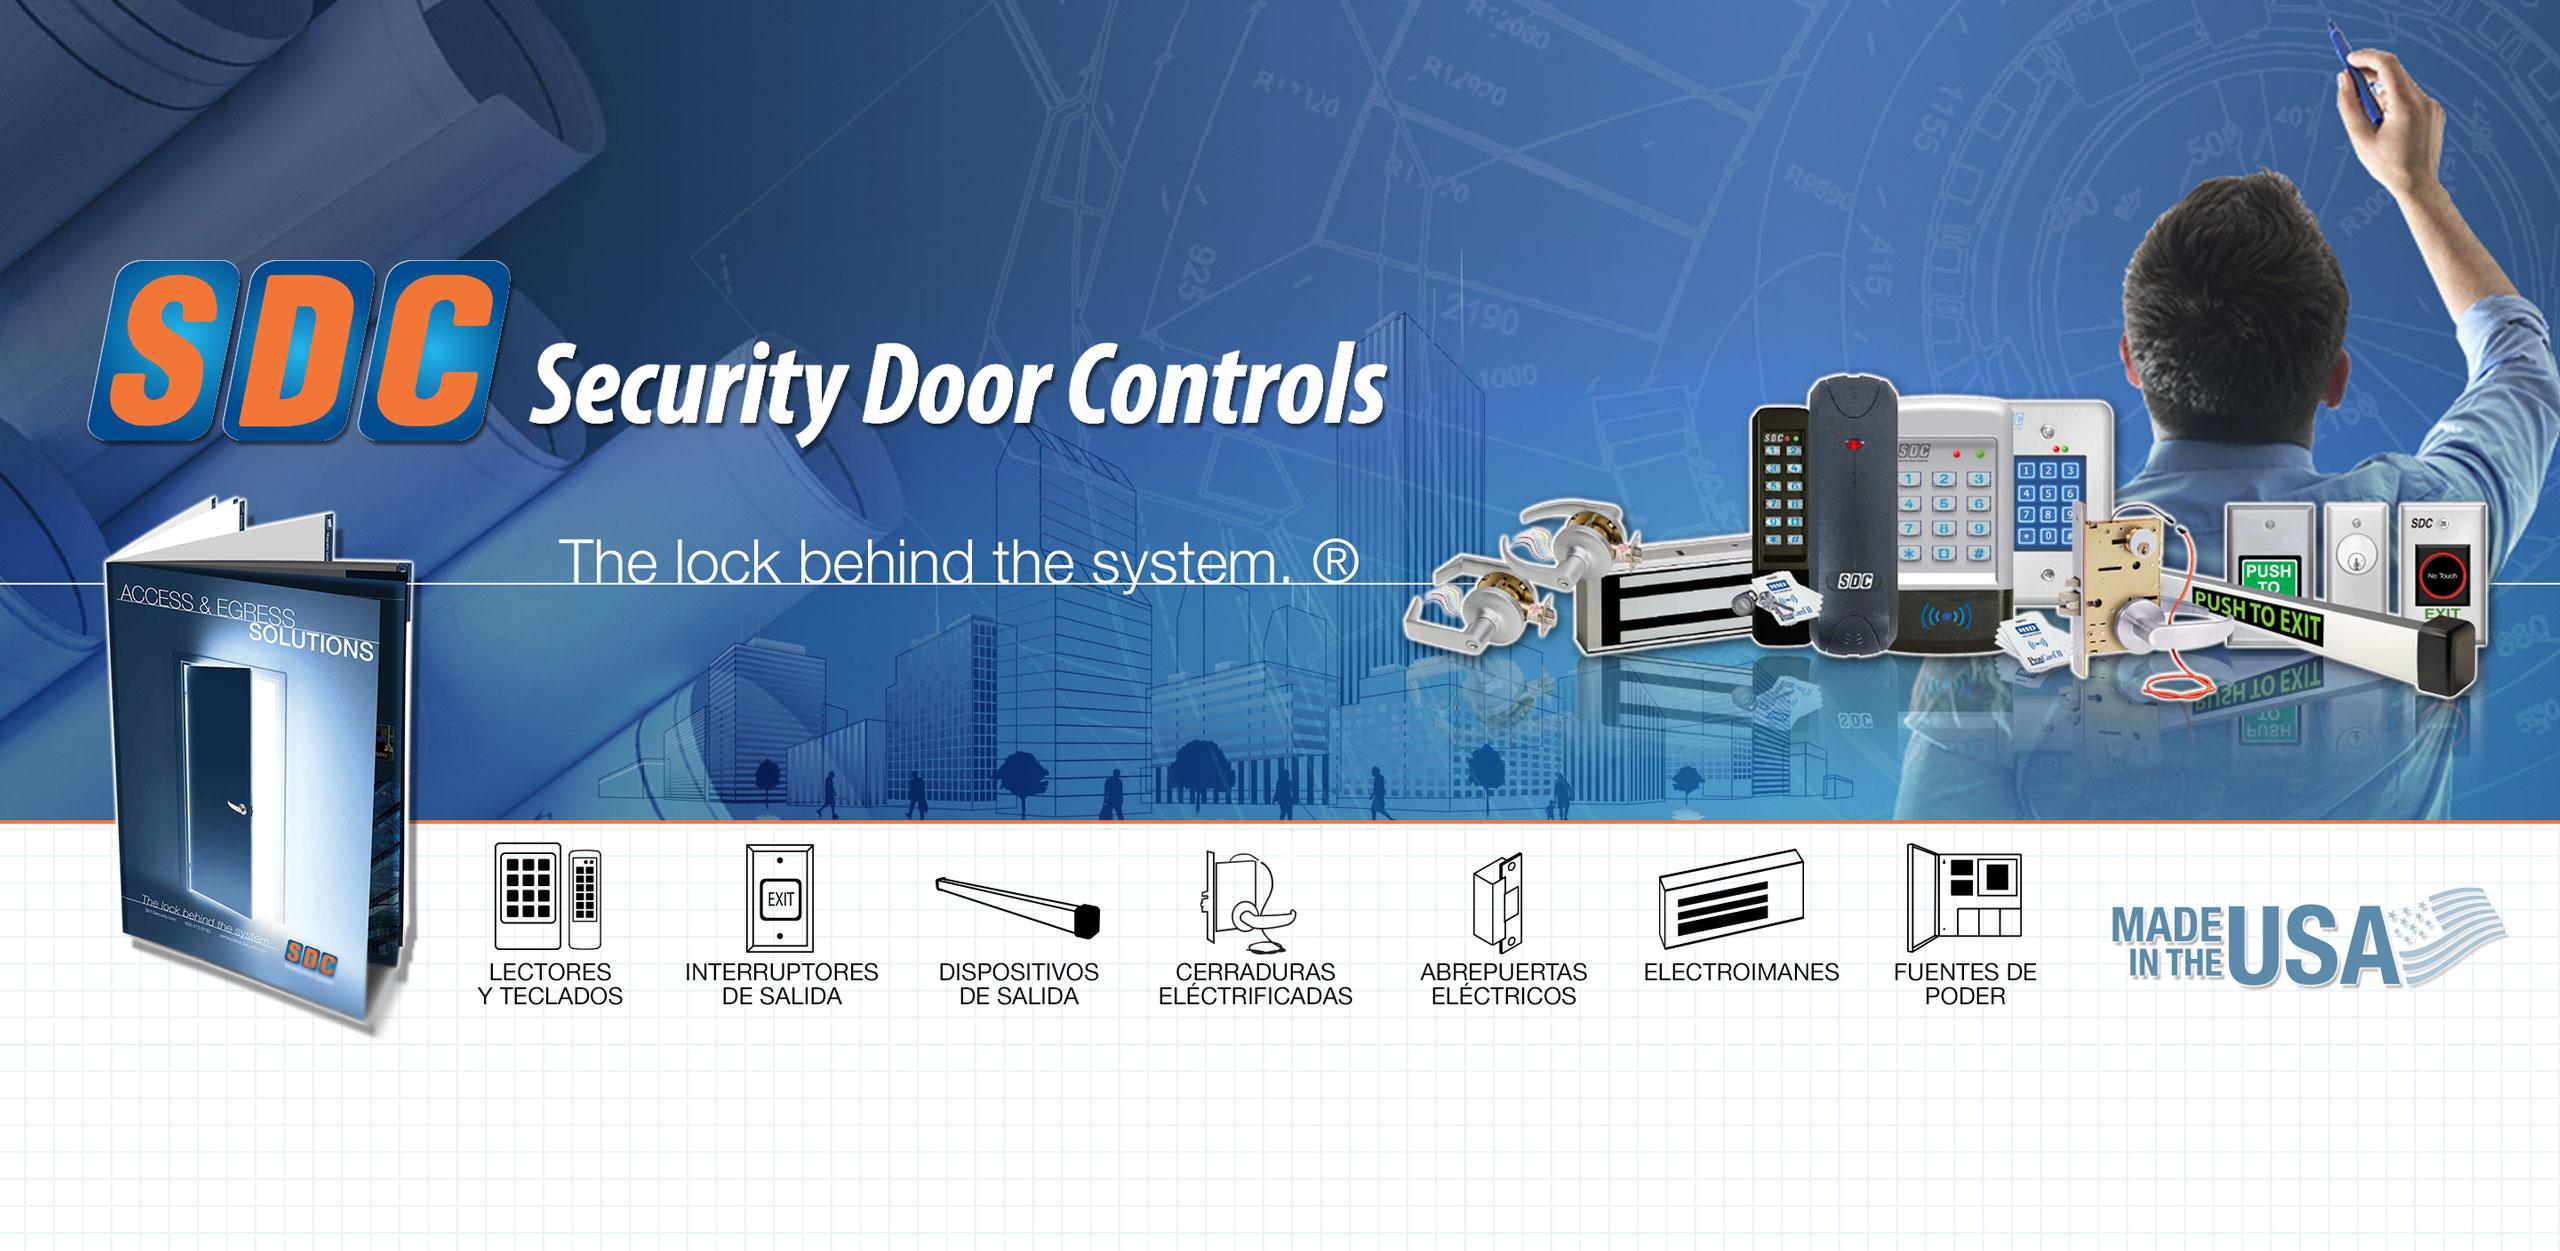 magocad equipos de seguridad electrónica